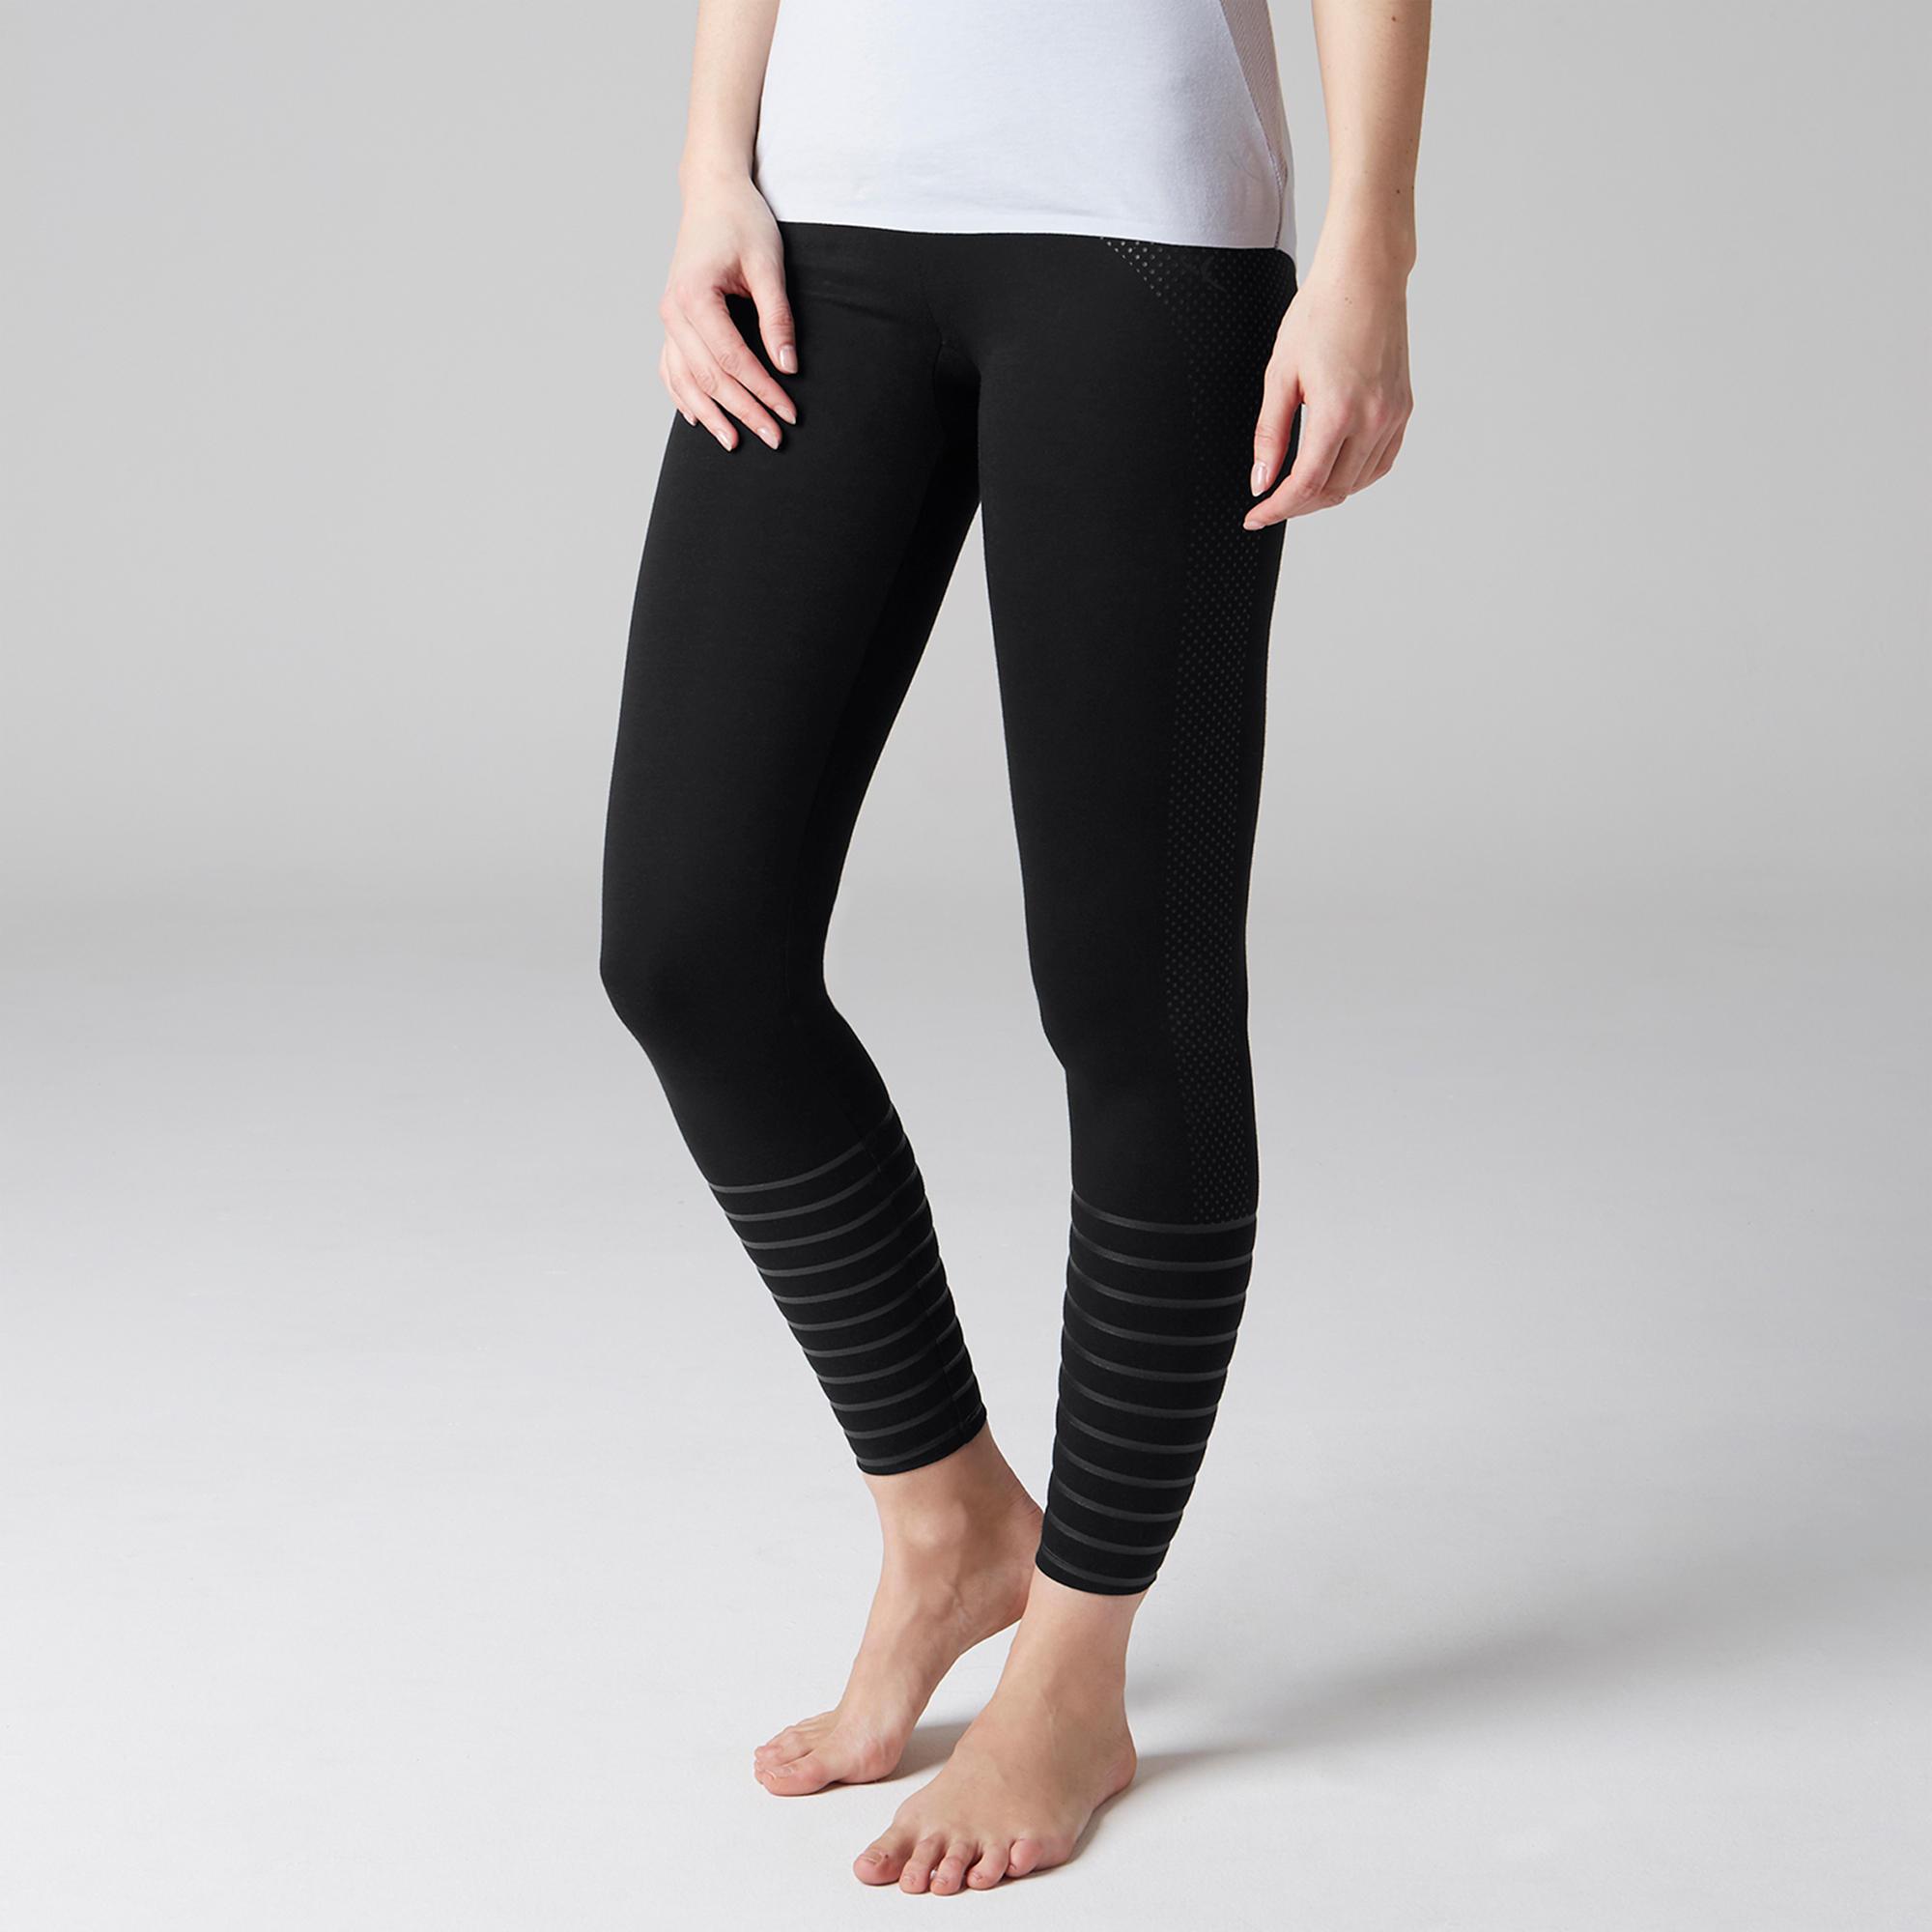 Leggings 900 figurformend Damen | Bekleidung > Hosen > Leggings | Nyamba